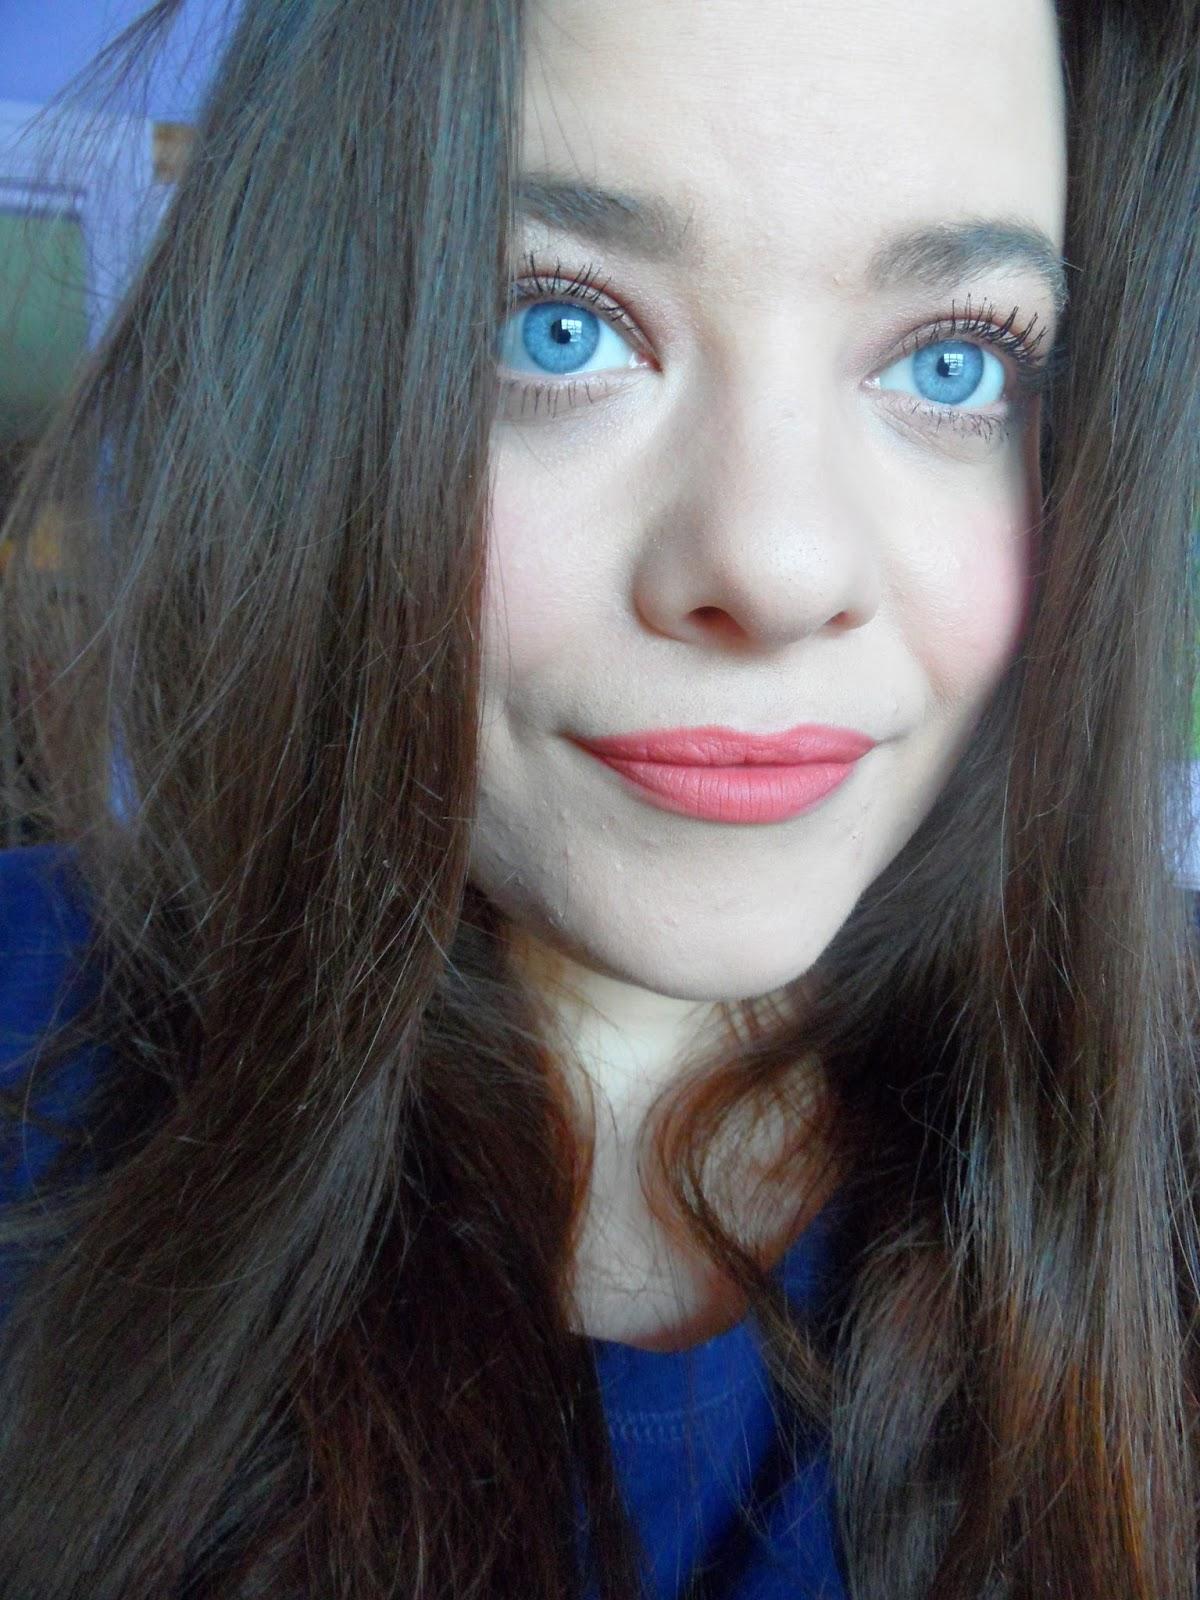 Velvet Lip Kits Velvet Liquid Lipsticks: Kick Arse Red Lips: Face Of The Day With NARS Velvet Matte